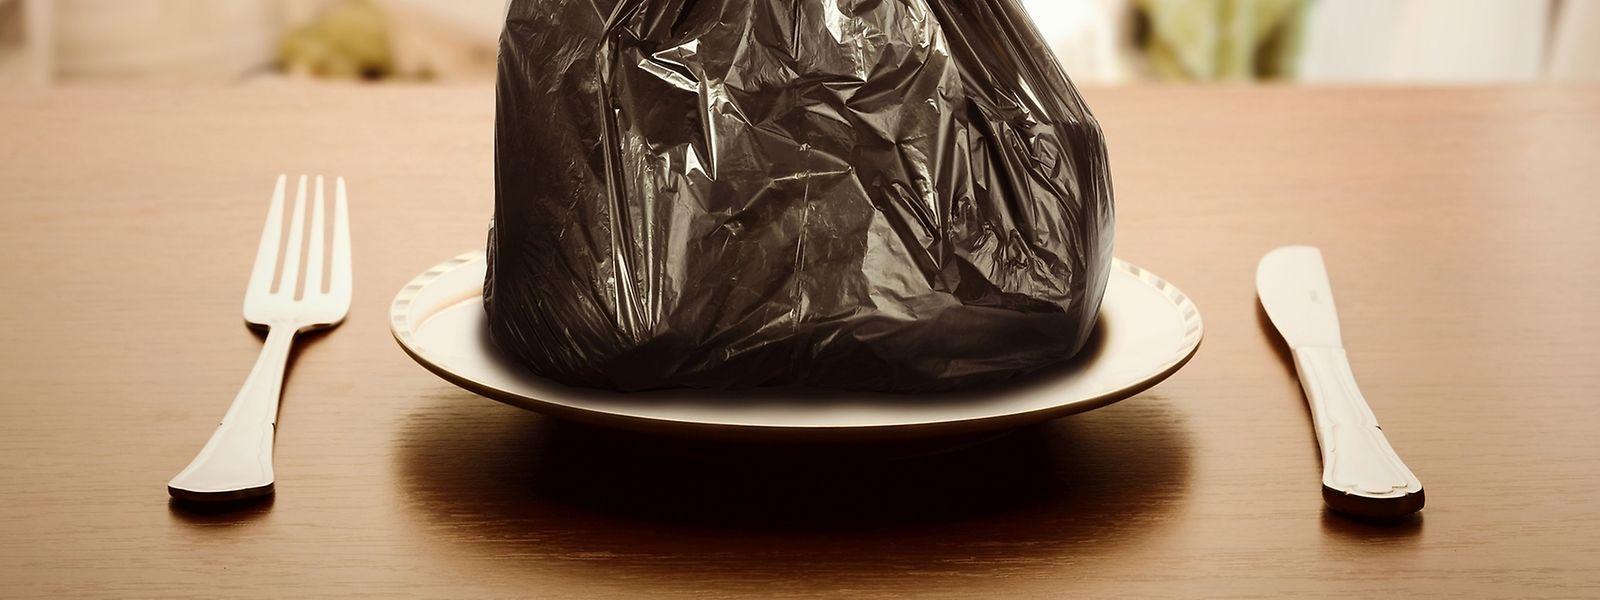 Tag für Tag werden in Europa Lebensmittel verschwendet, die eigentlich verzehrt werden könnten. Frankreich setzte kürzlich ein Zeichen und verbietet dem Handel per Gesetz, Esswaren wegzuwerfen.